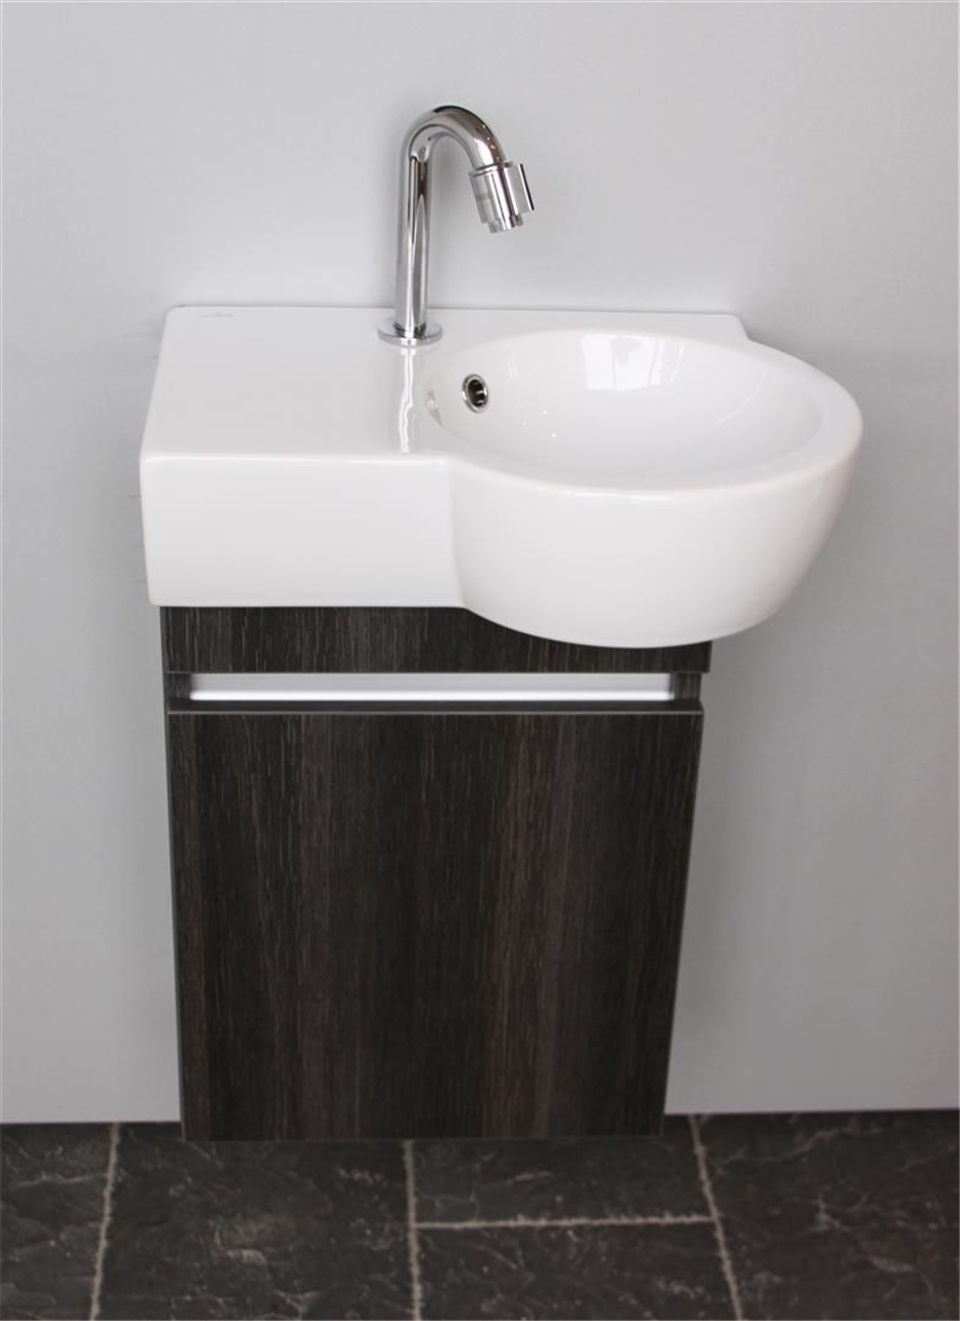 Thebalux toiletmeubel met wastafel Aico - Product in beeld ...